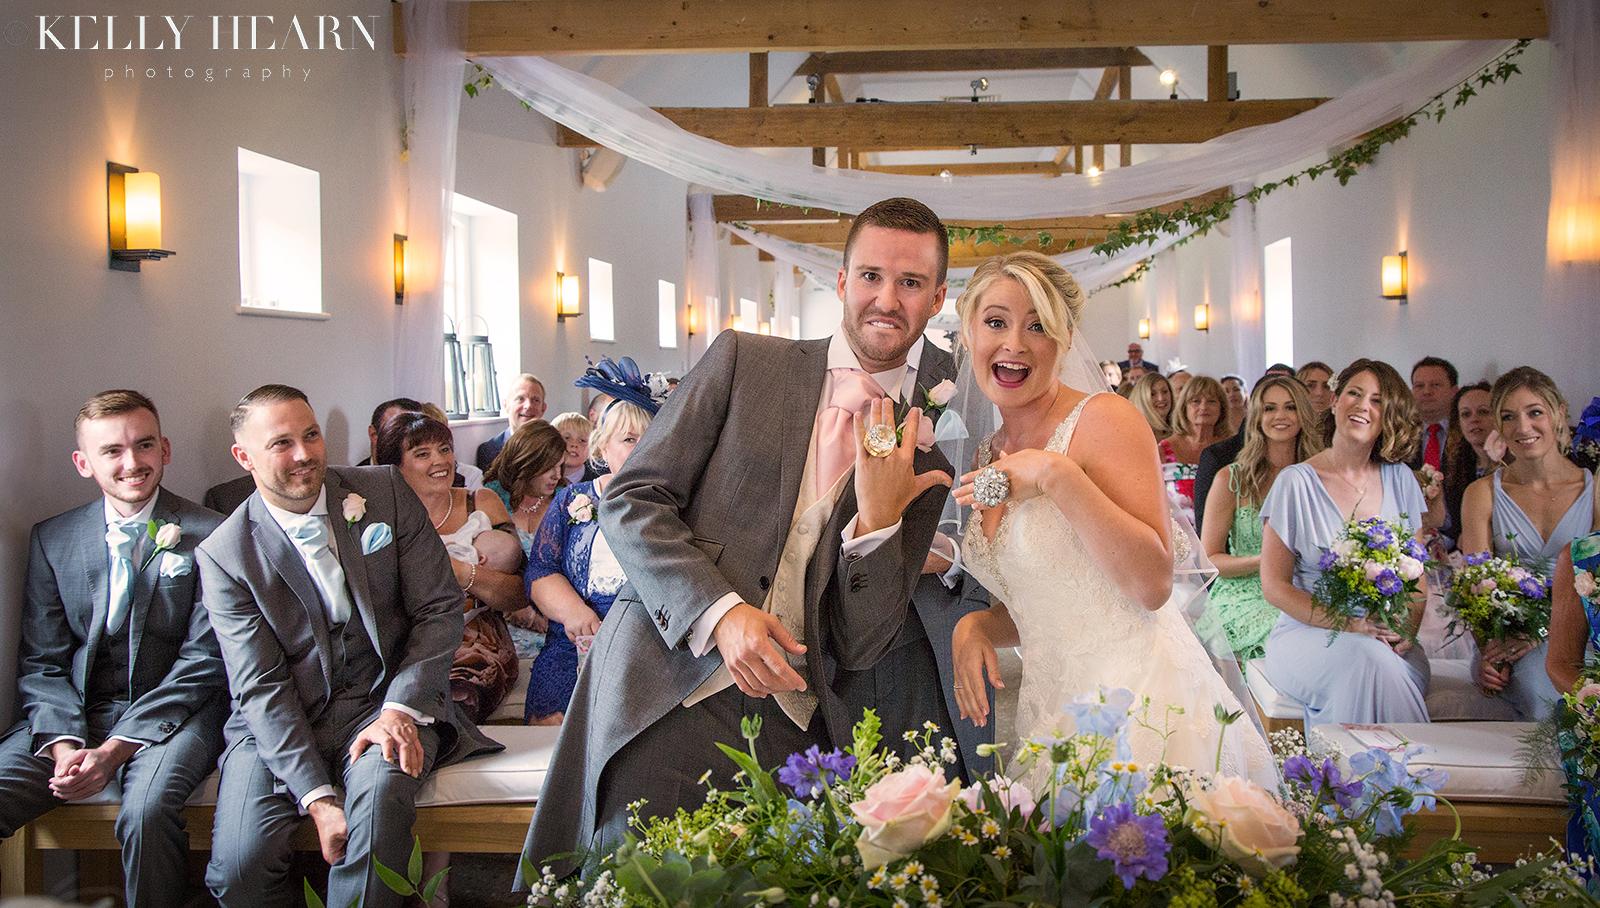 THO_bride-groom-fake-rings.jpg#asset:2093